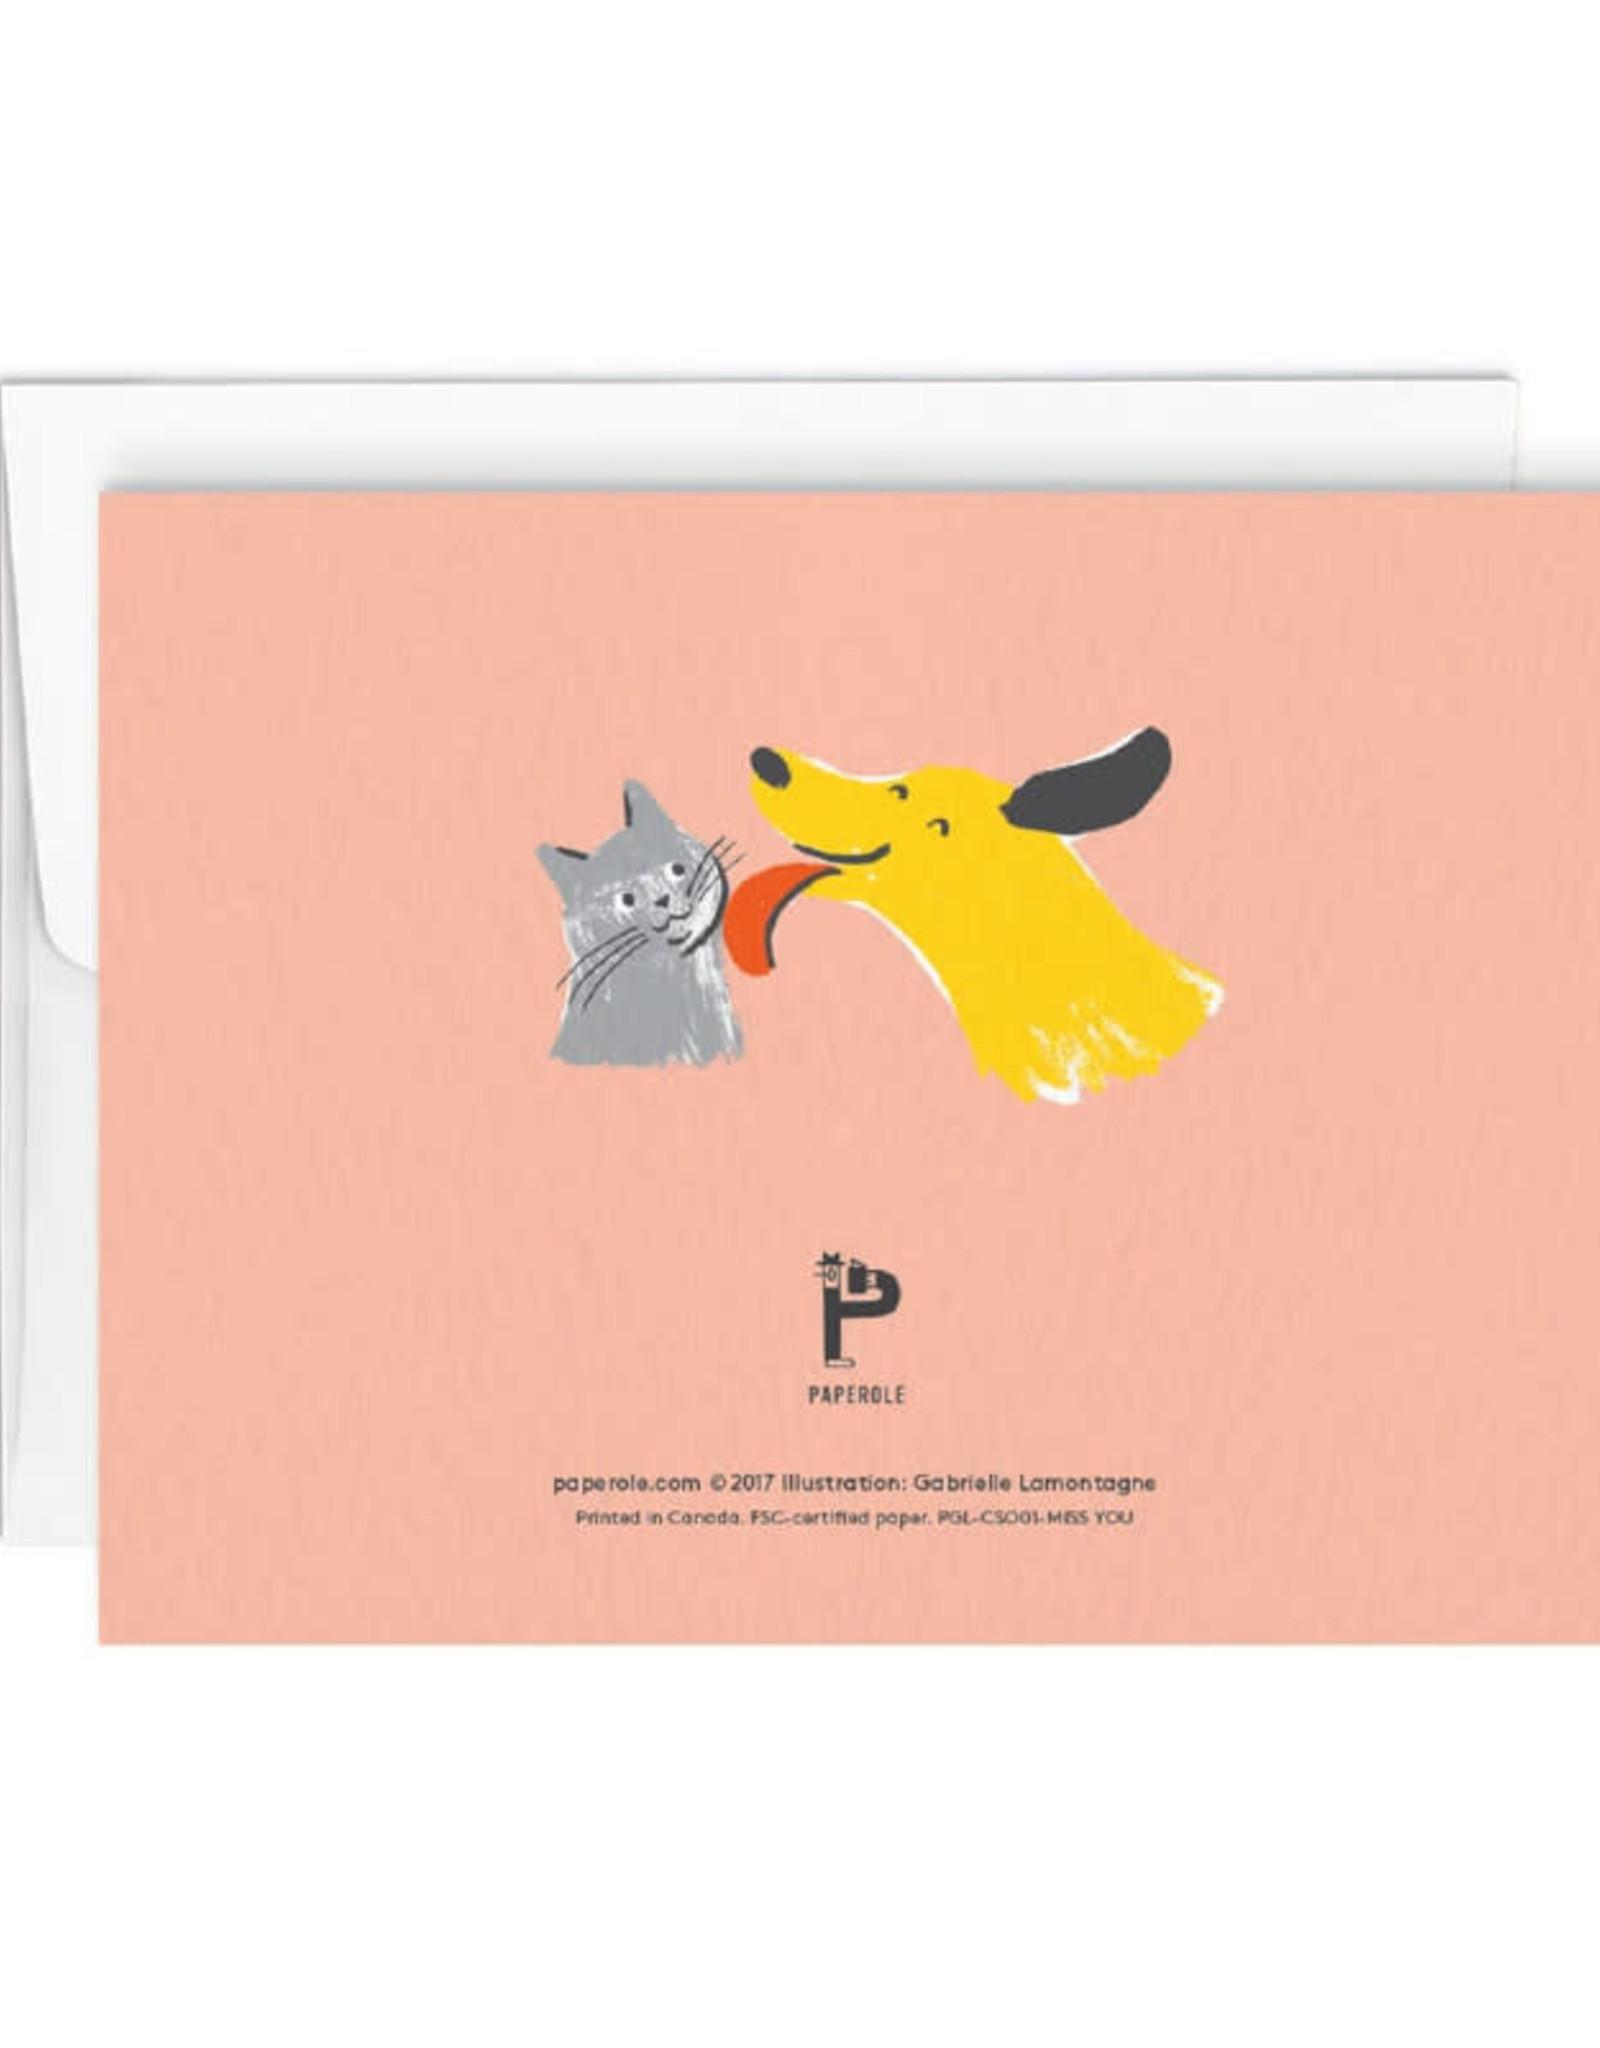 Paperole Carte de souhait Paperole Miss You